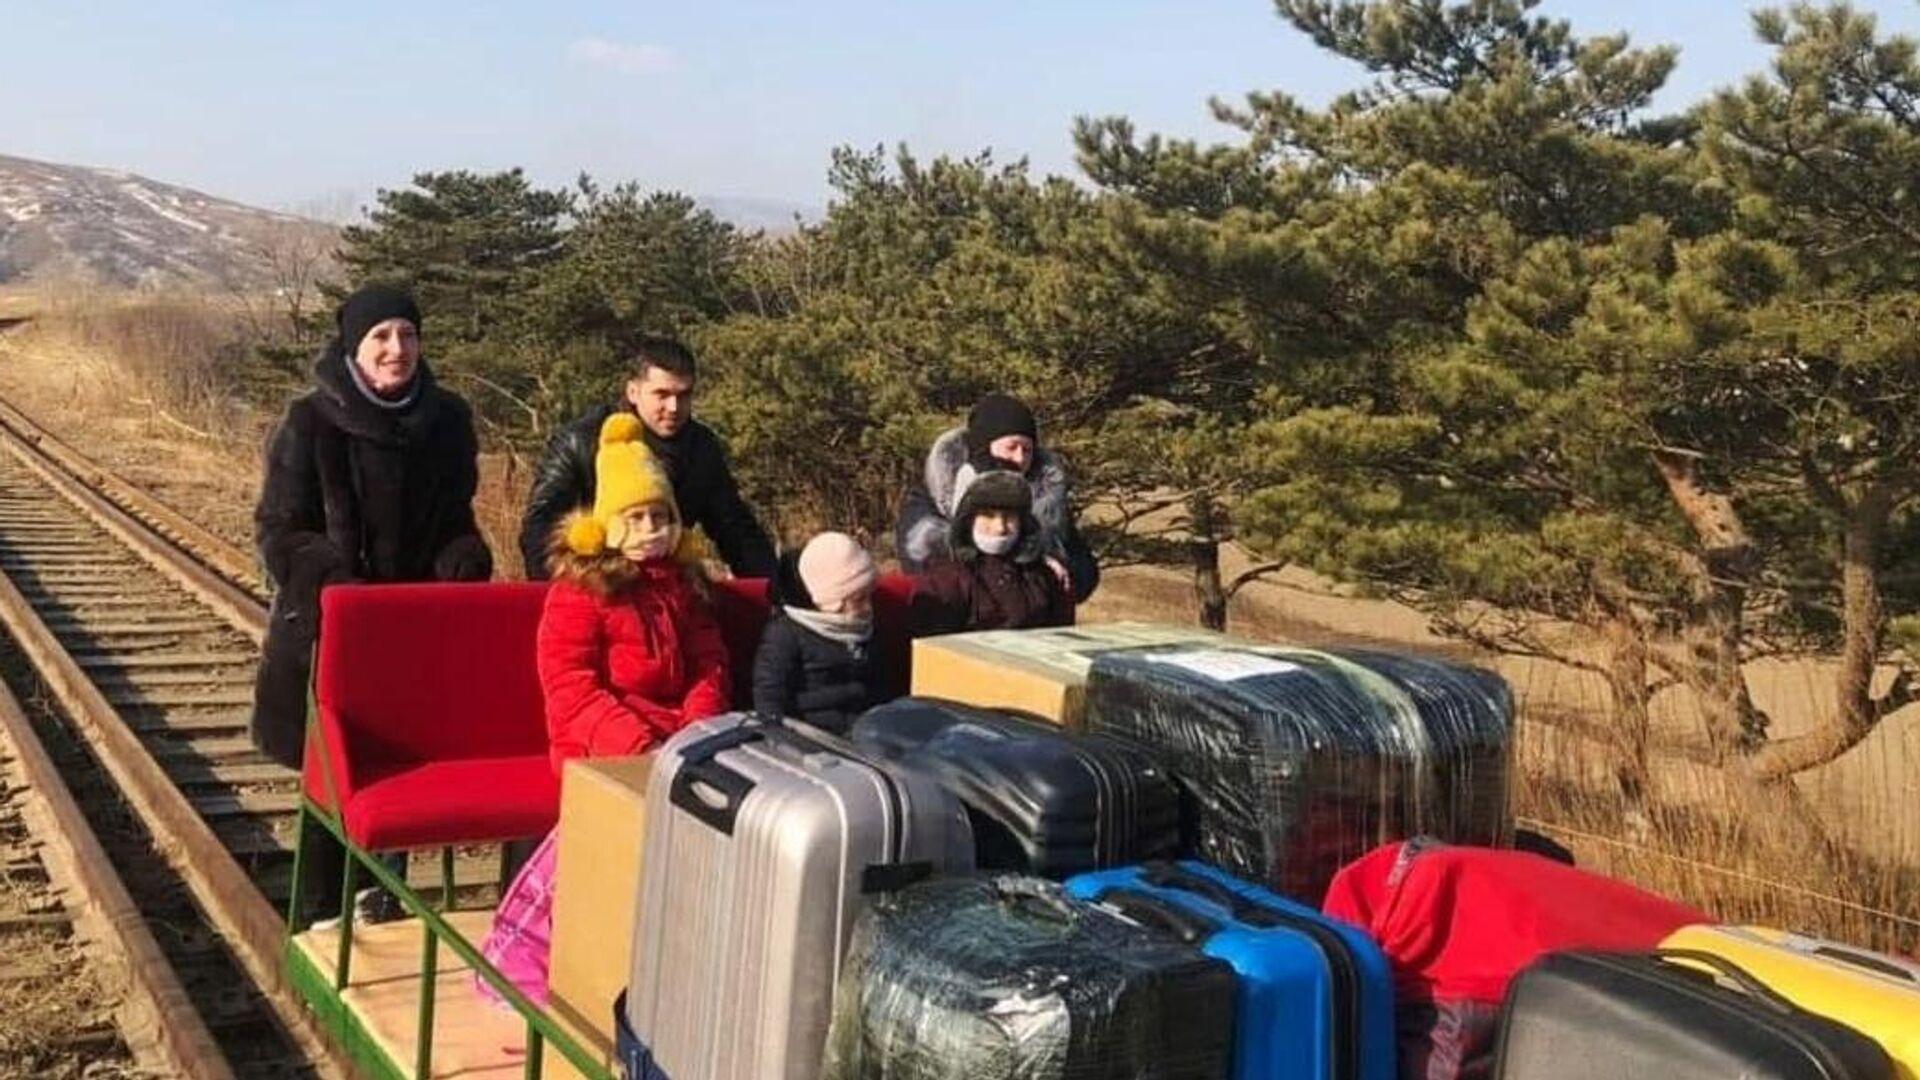 Выехавшие из КНДР на дрезине дипломаты вернулись в Россию - РИА Новости, 1920, 26.02.2021